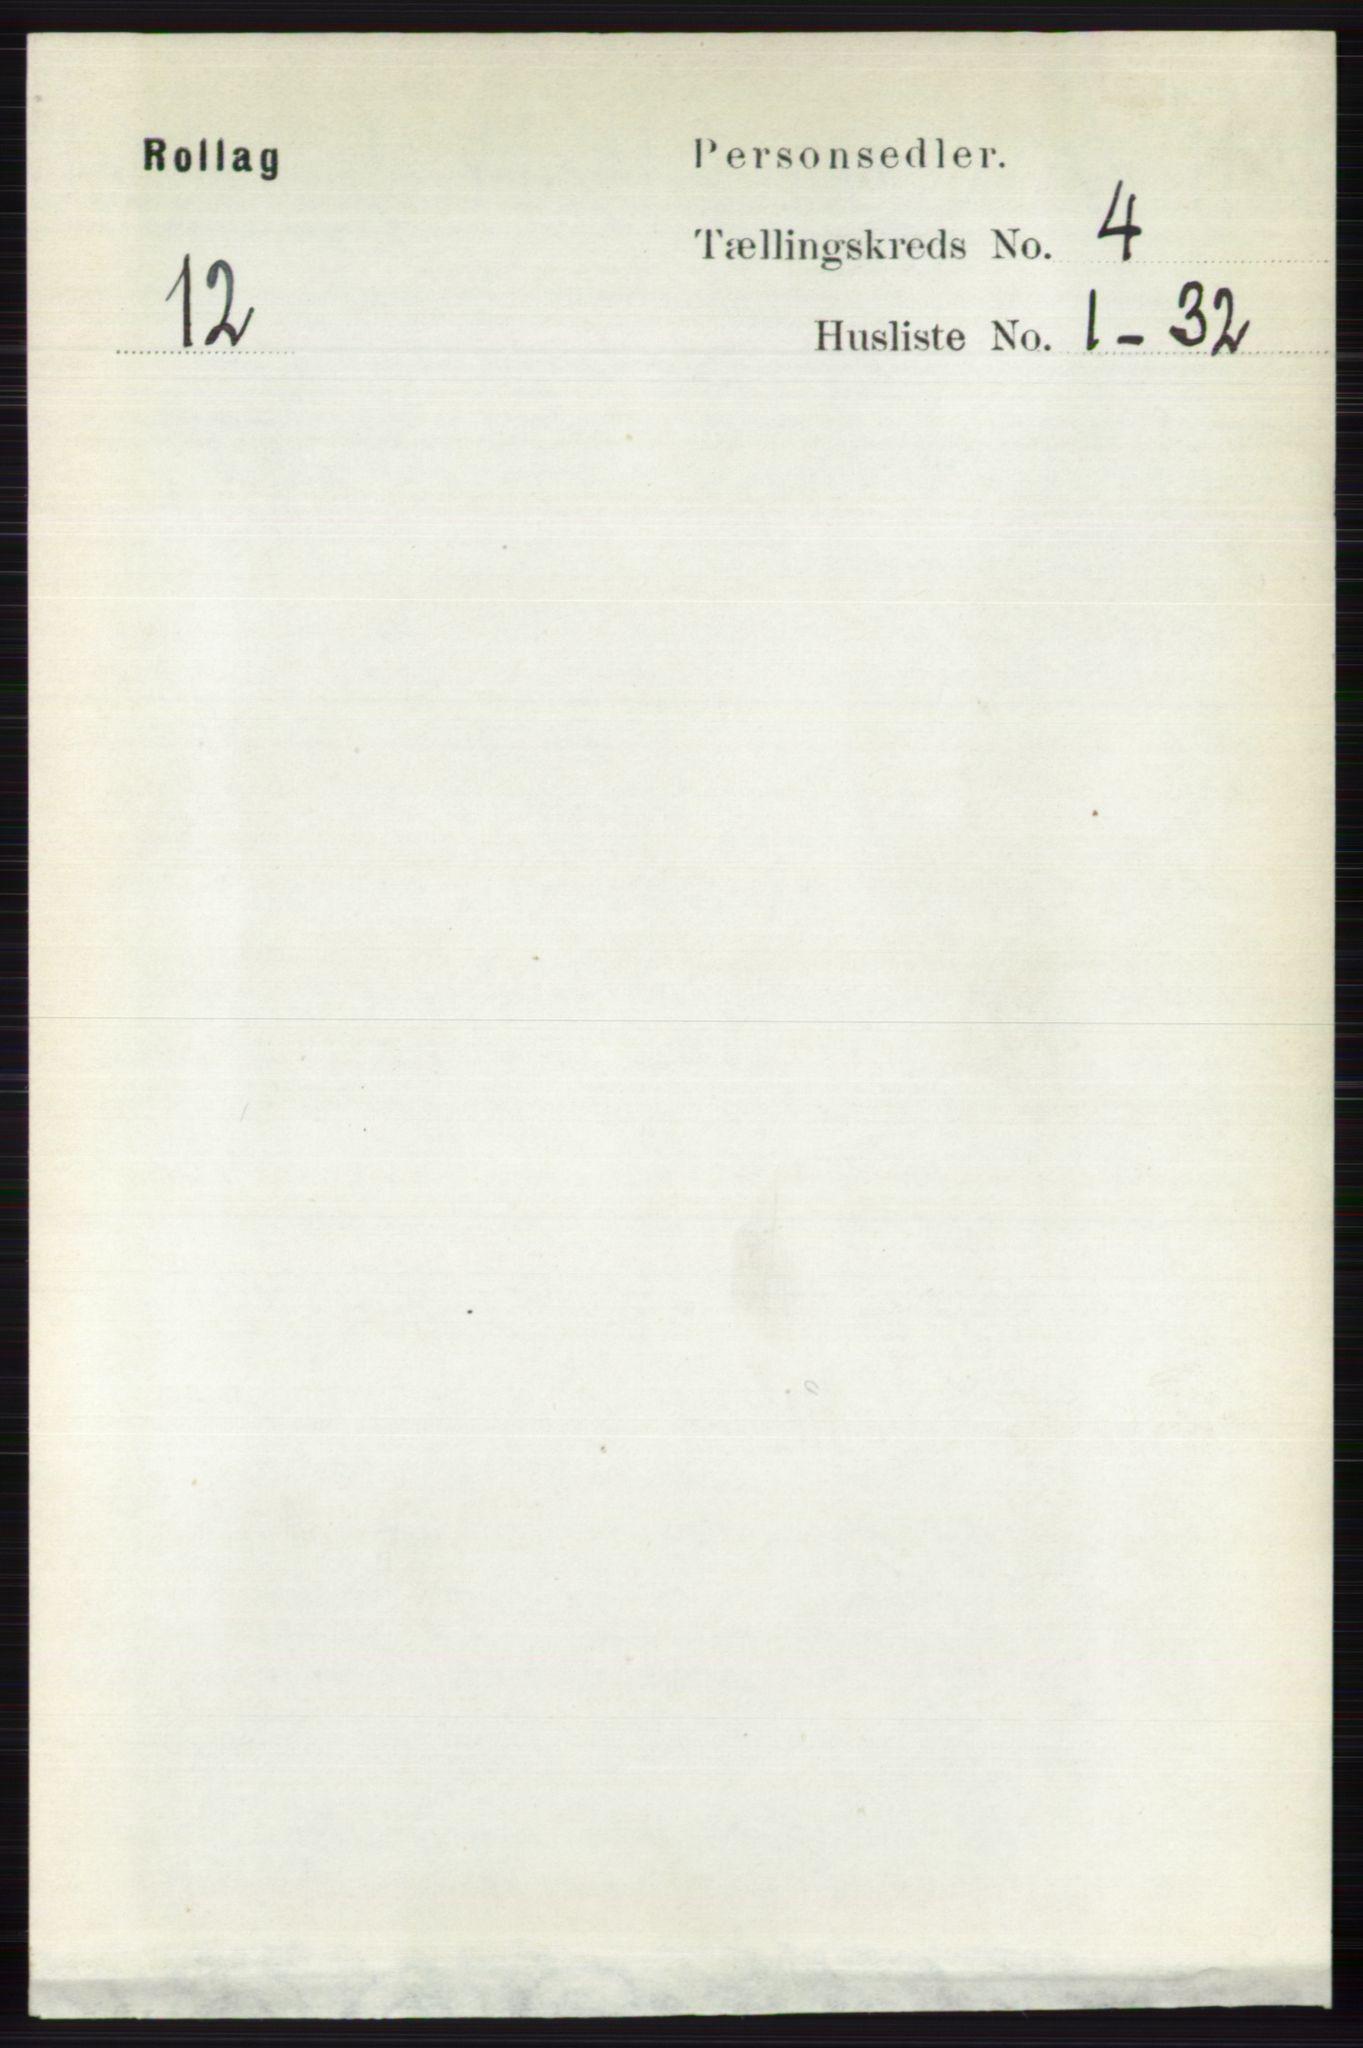 RA, Folketelling 1891 for 0632 Rollag herred, 1891, s. 1281